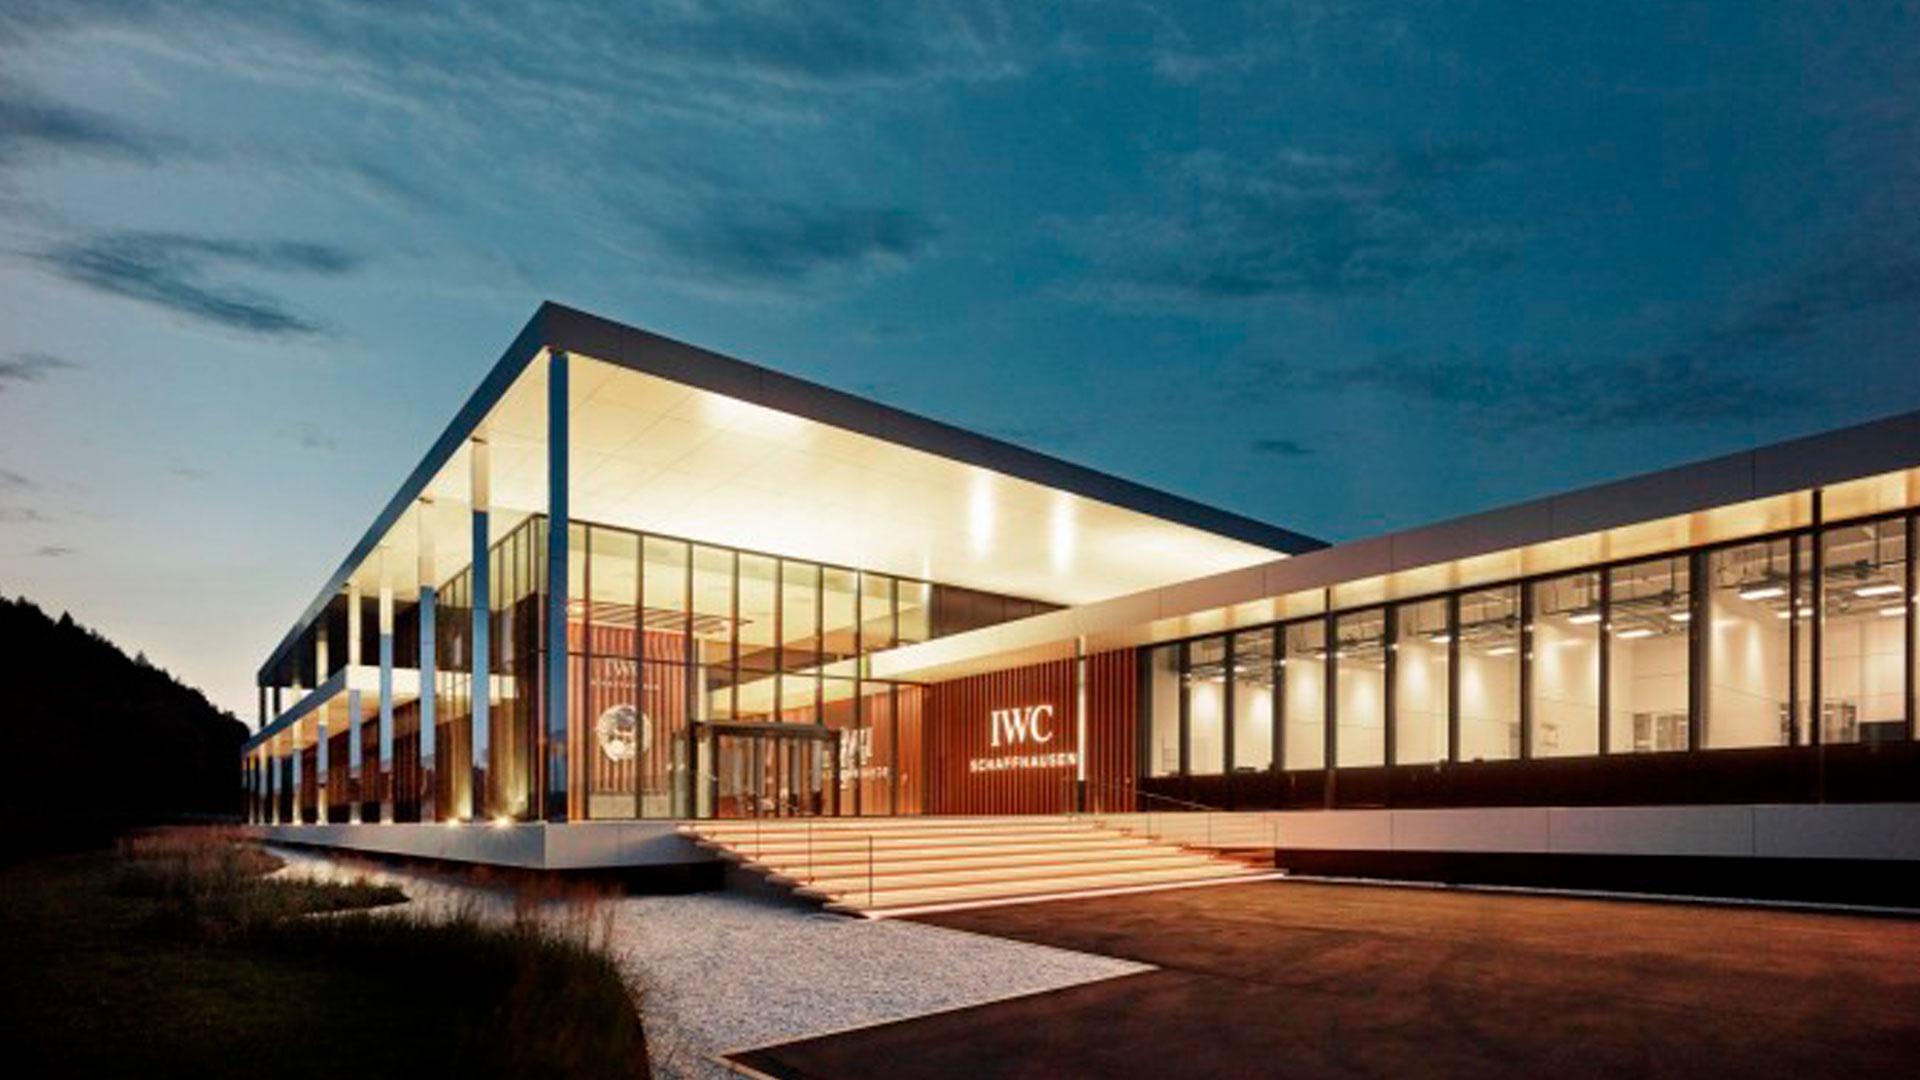 Inauguración del Manufakturzentrum IWC Schaffhausen